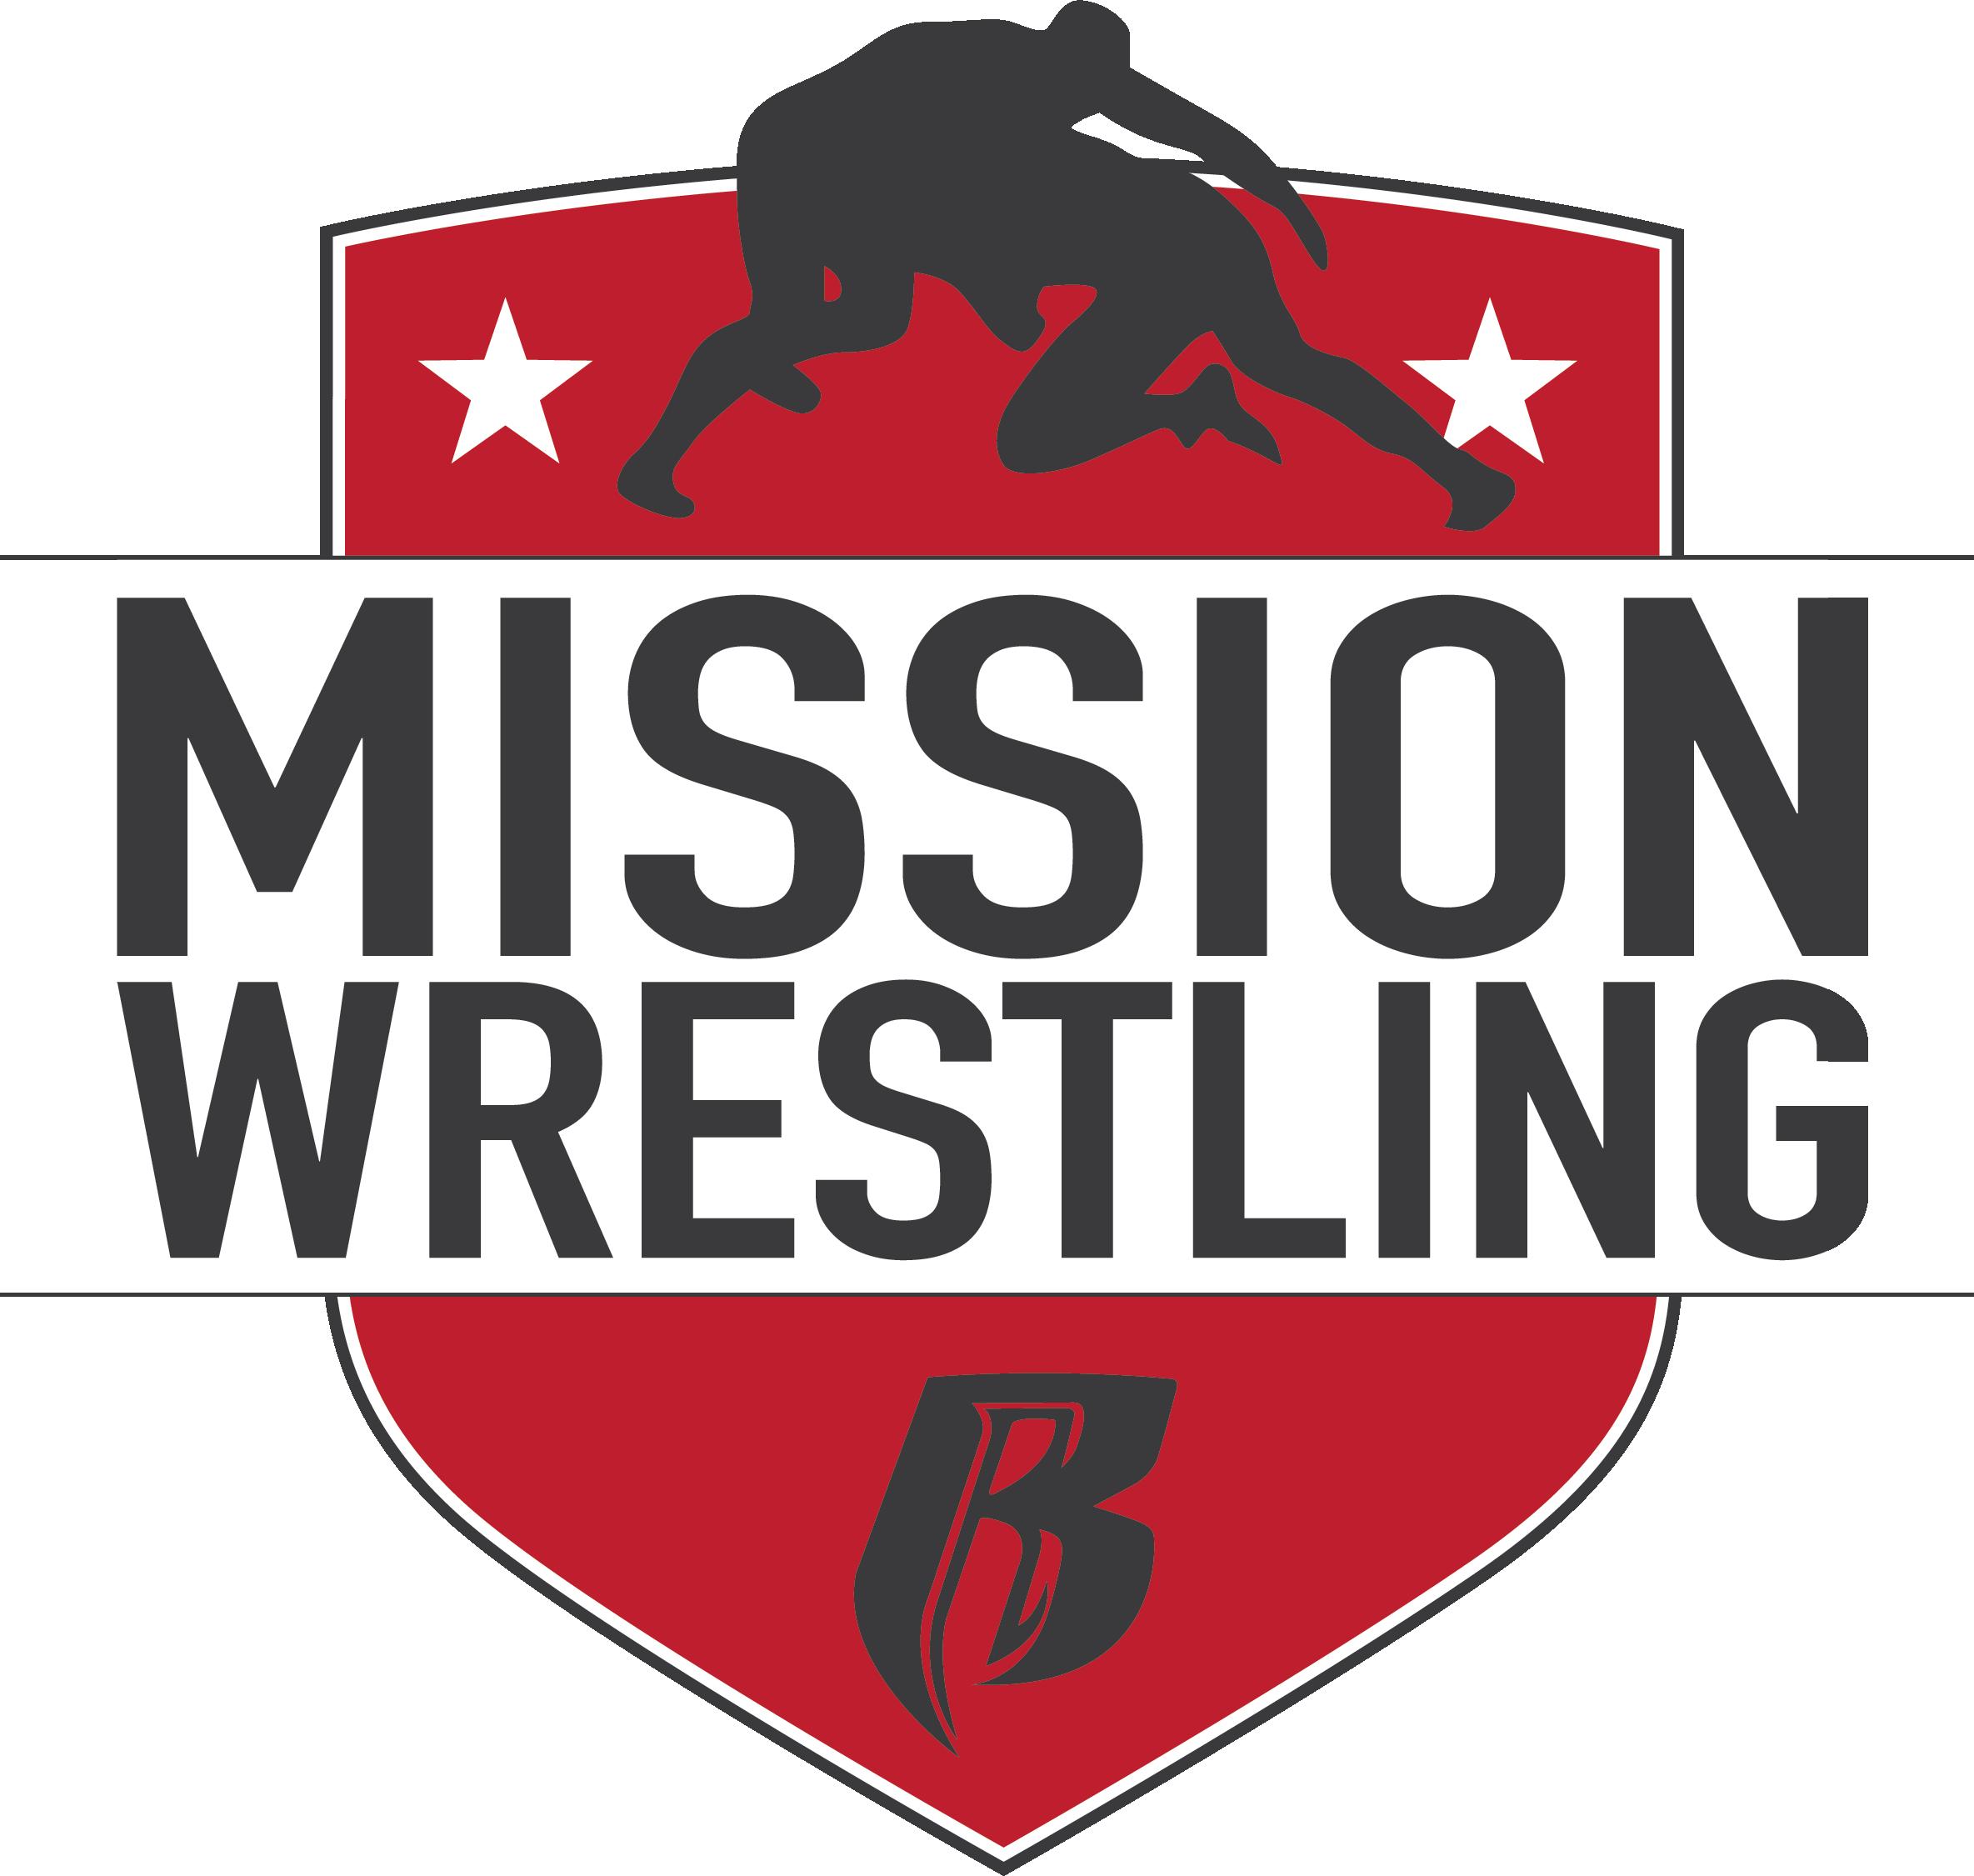 Mission Wrestling